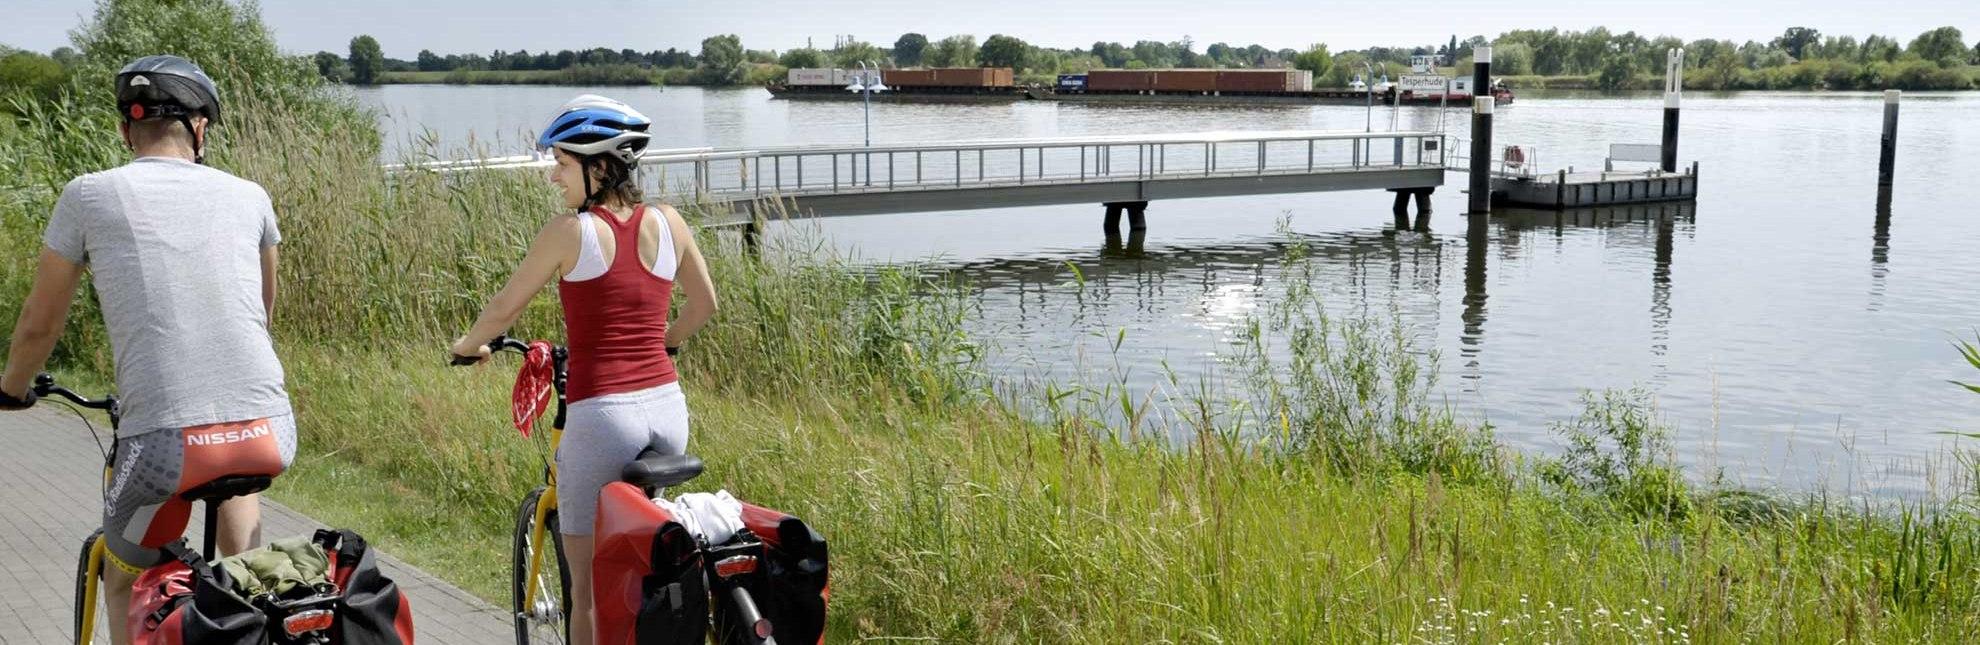 Mit dem Rad an der Elbe, © photocompany/ HLMS